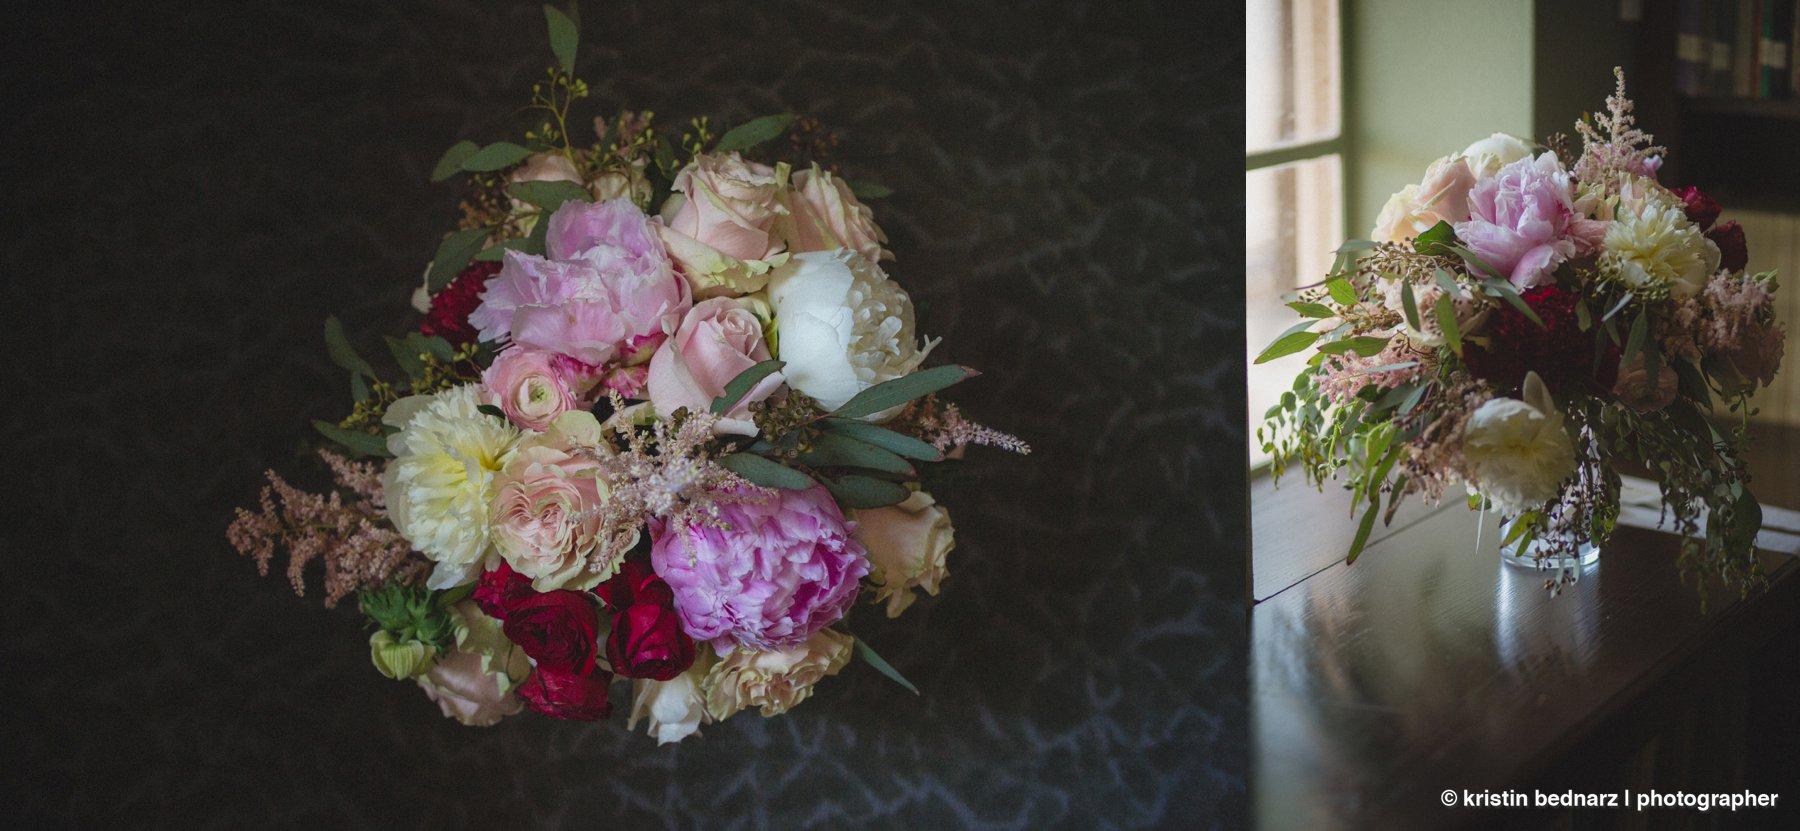 Krisitin_Bednarz_Lubbock_Wedding_Photographer_20180602_0028.JPG